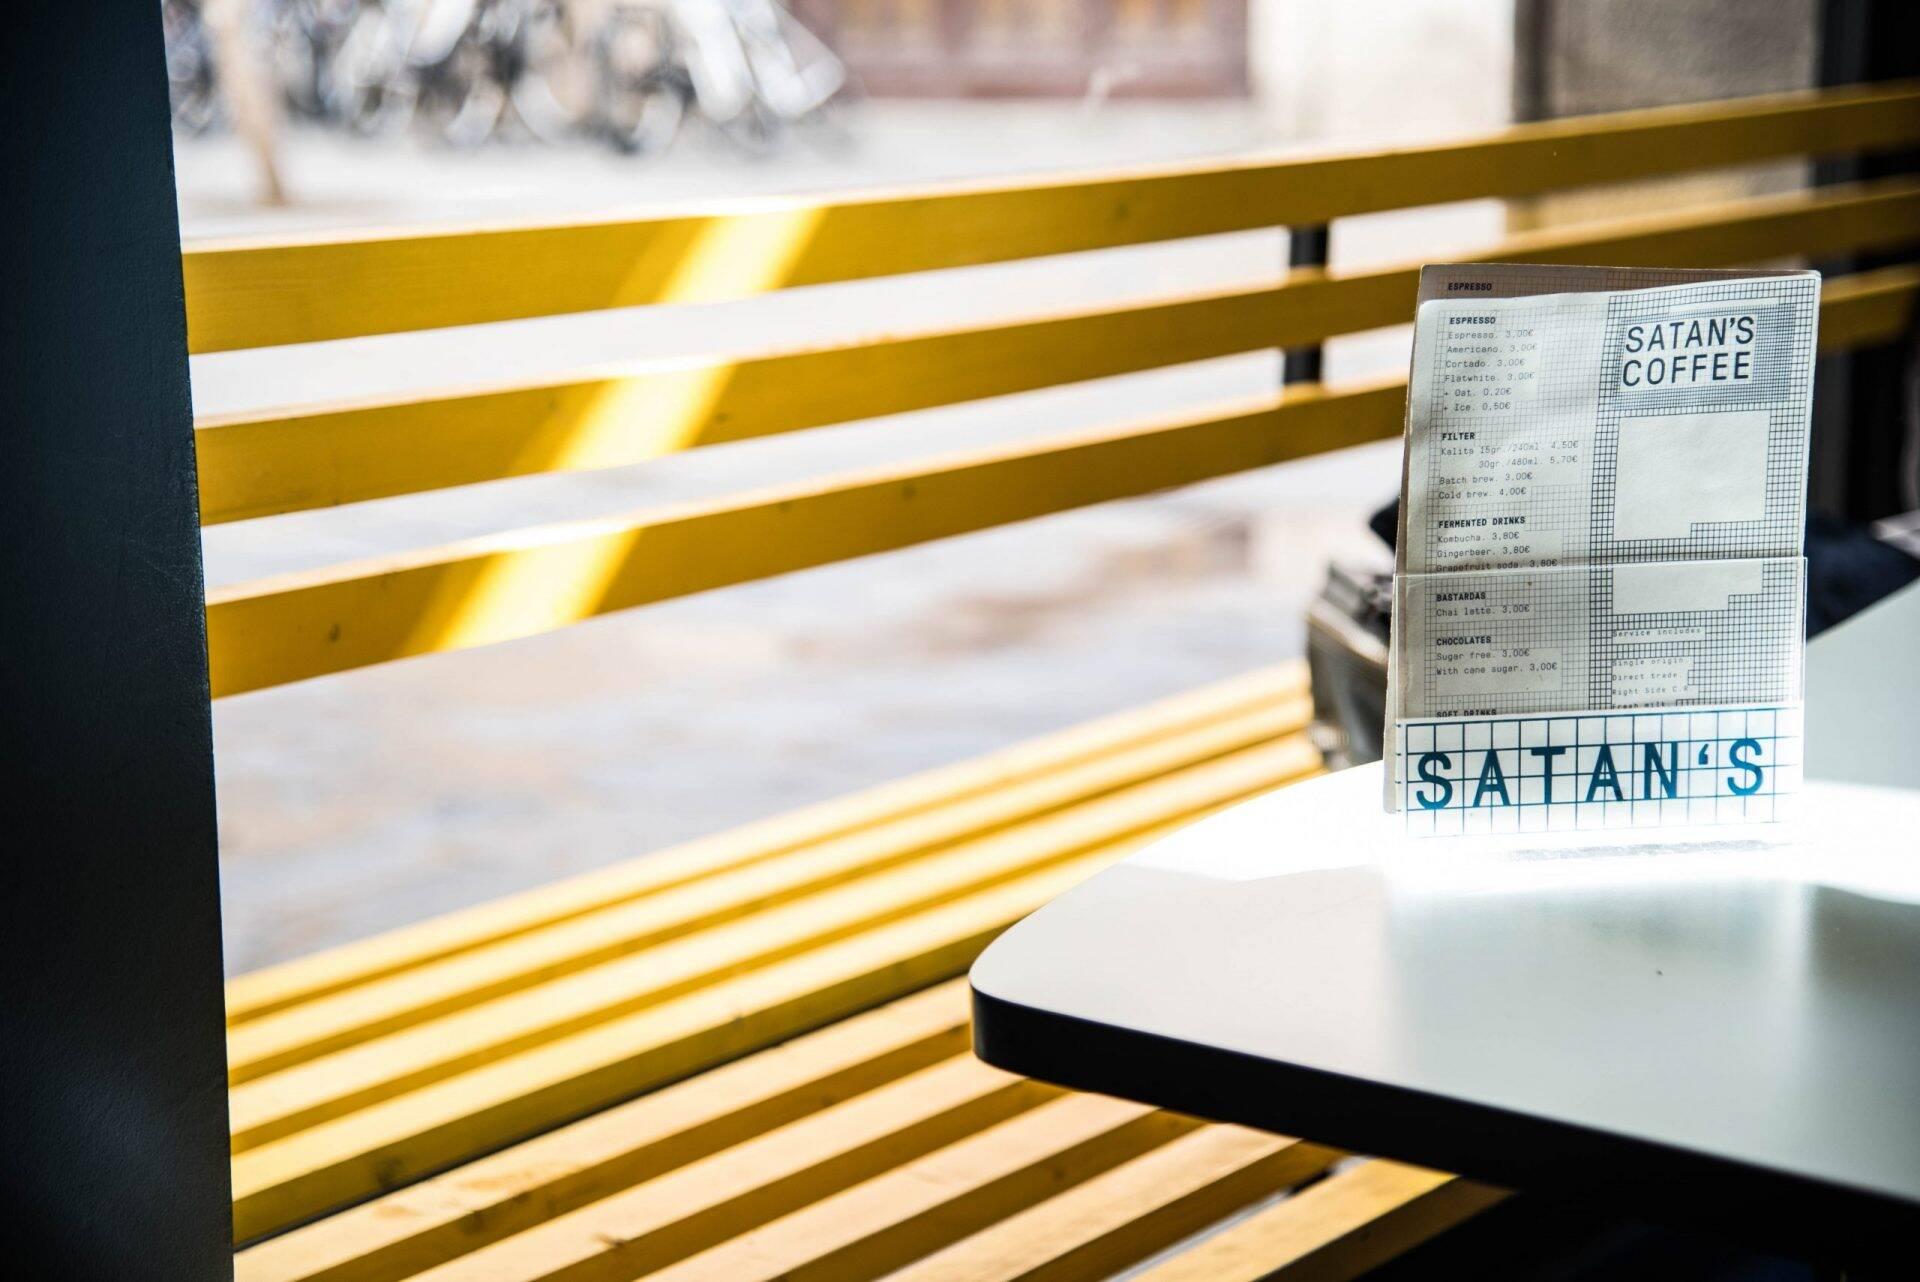 Satan's Coffee Corner in Barcelona